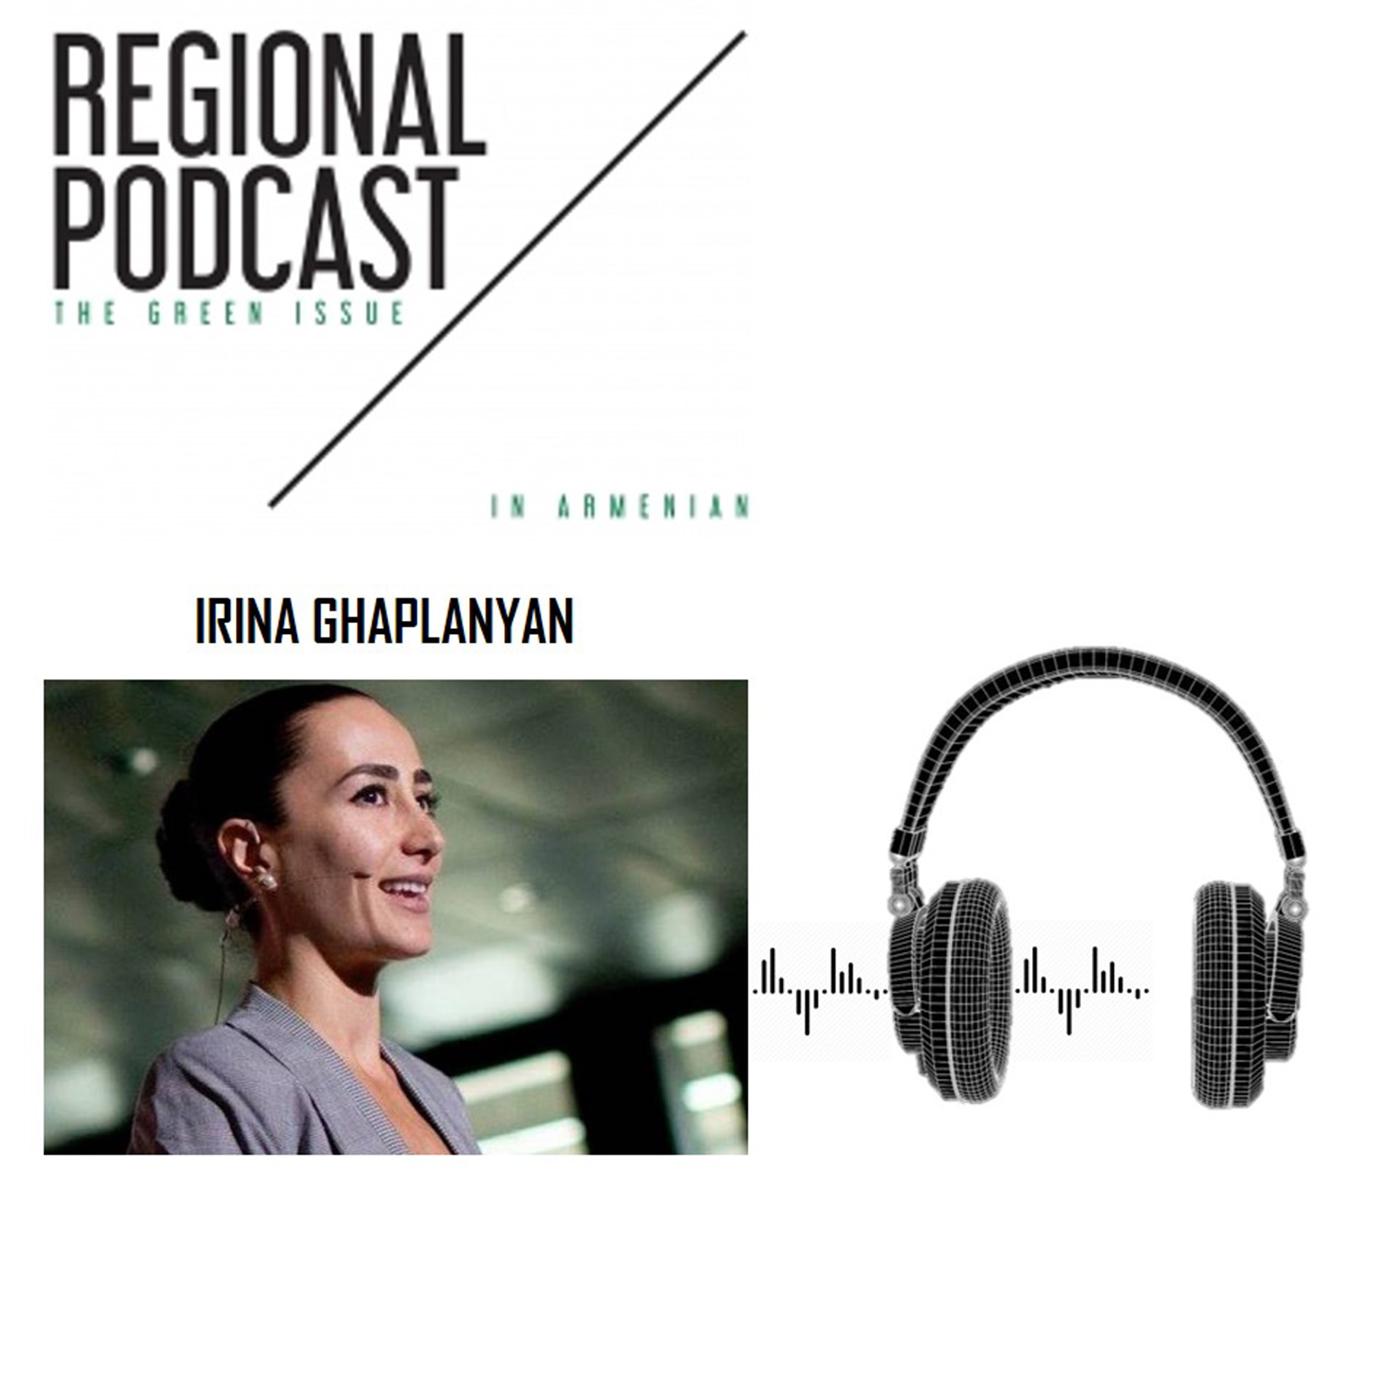 [հայերեն] Regional Podcast - The Green Issue / Irina Ghaplanyan